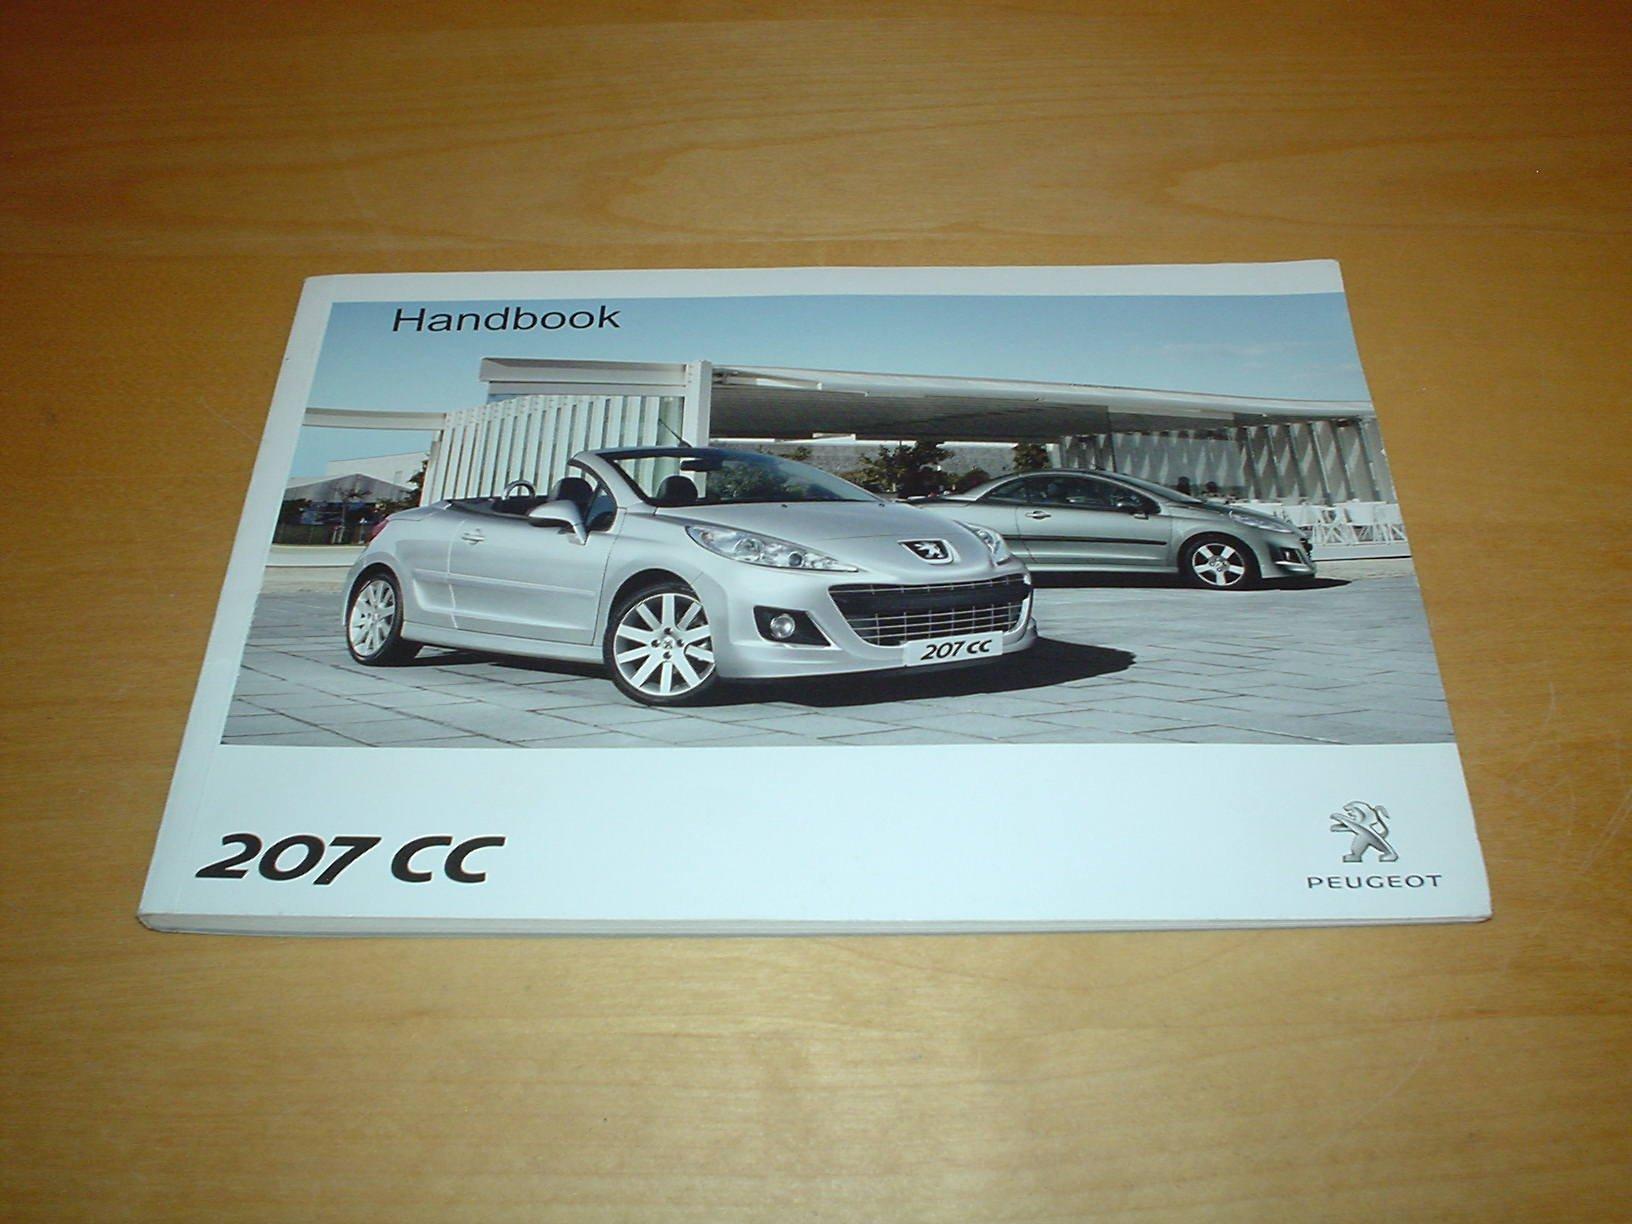 peugeot 207cc owners handbook c w wallet 207 cc 1 6 vti 1 6 thp rh amazon co uk Peugeot 407Sw Peugeot 207 CC Cabriolet